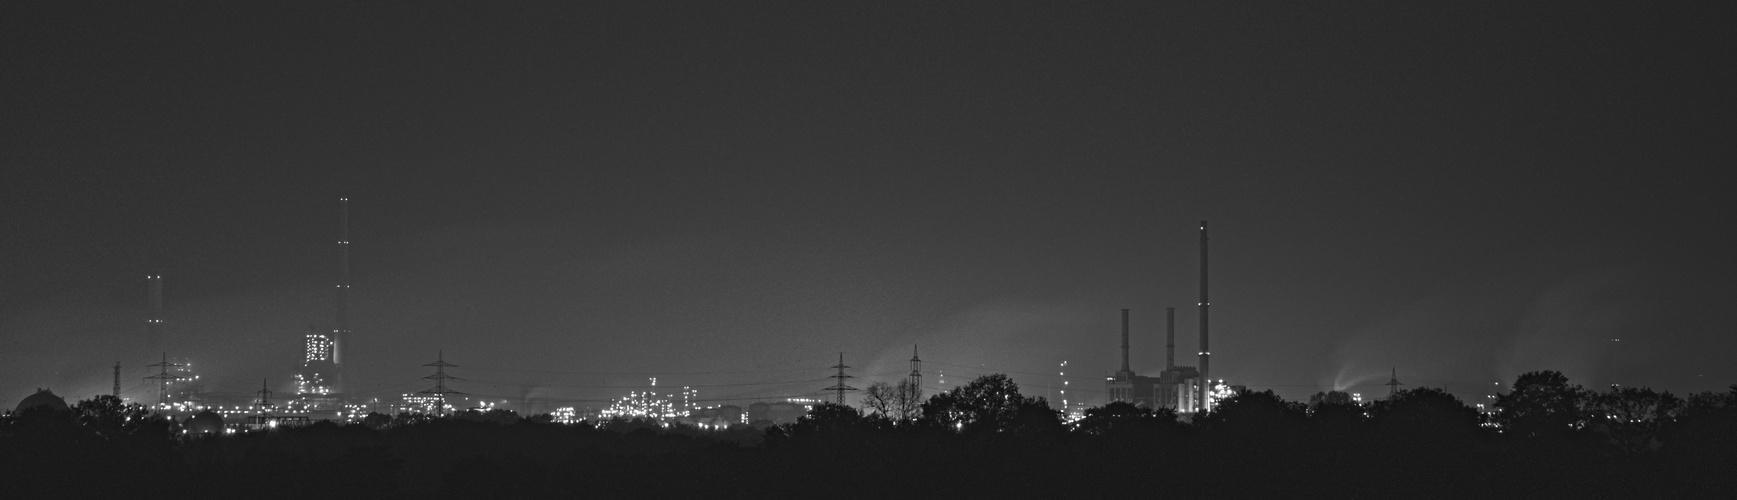 Skyline des Chemiepark Marl